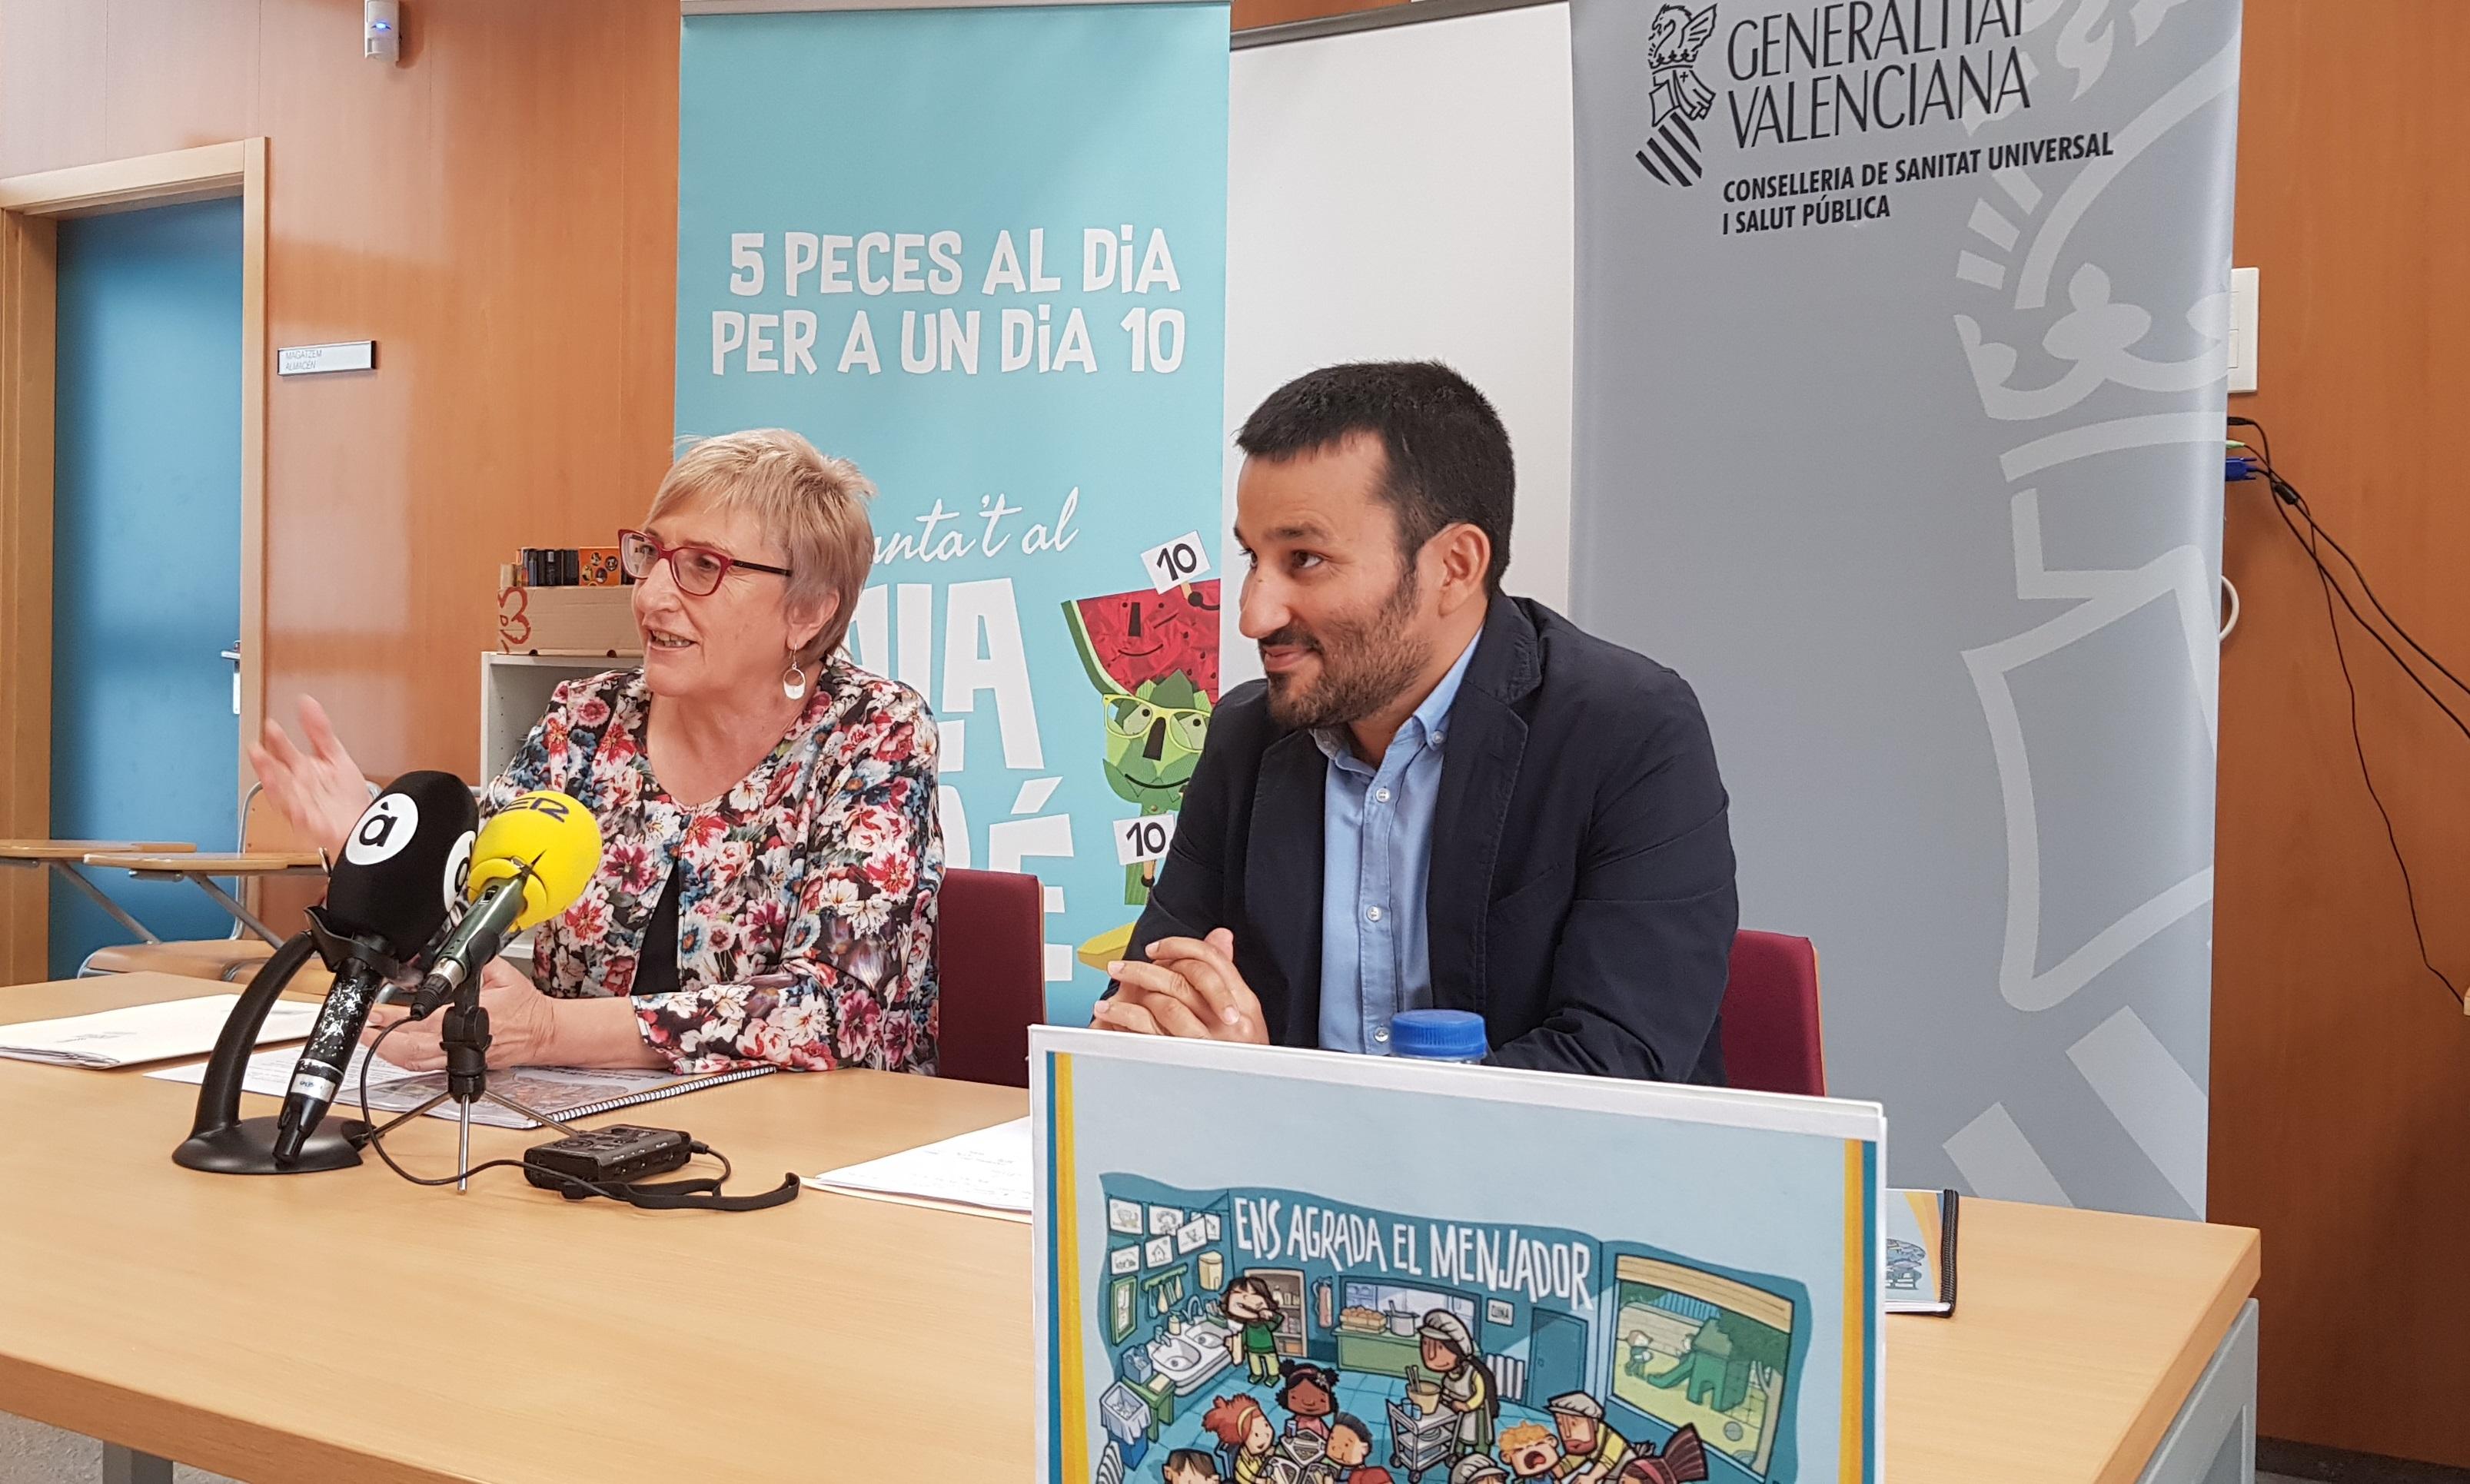 La generalitat apuesta por por convertir los comedores escolares en un espacio que eduque en - Trabajar en comedores escolares valencia ...